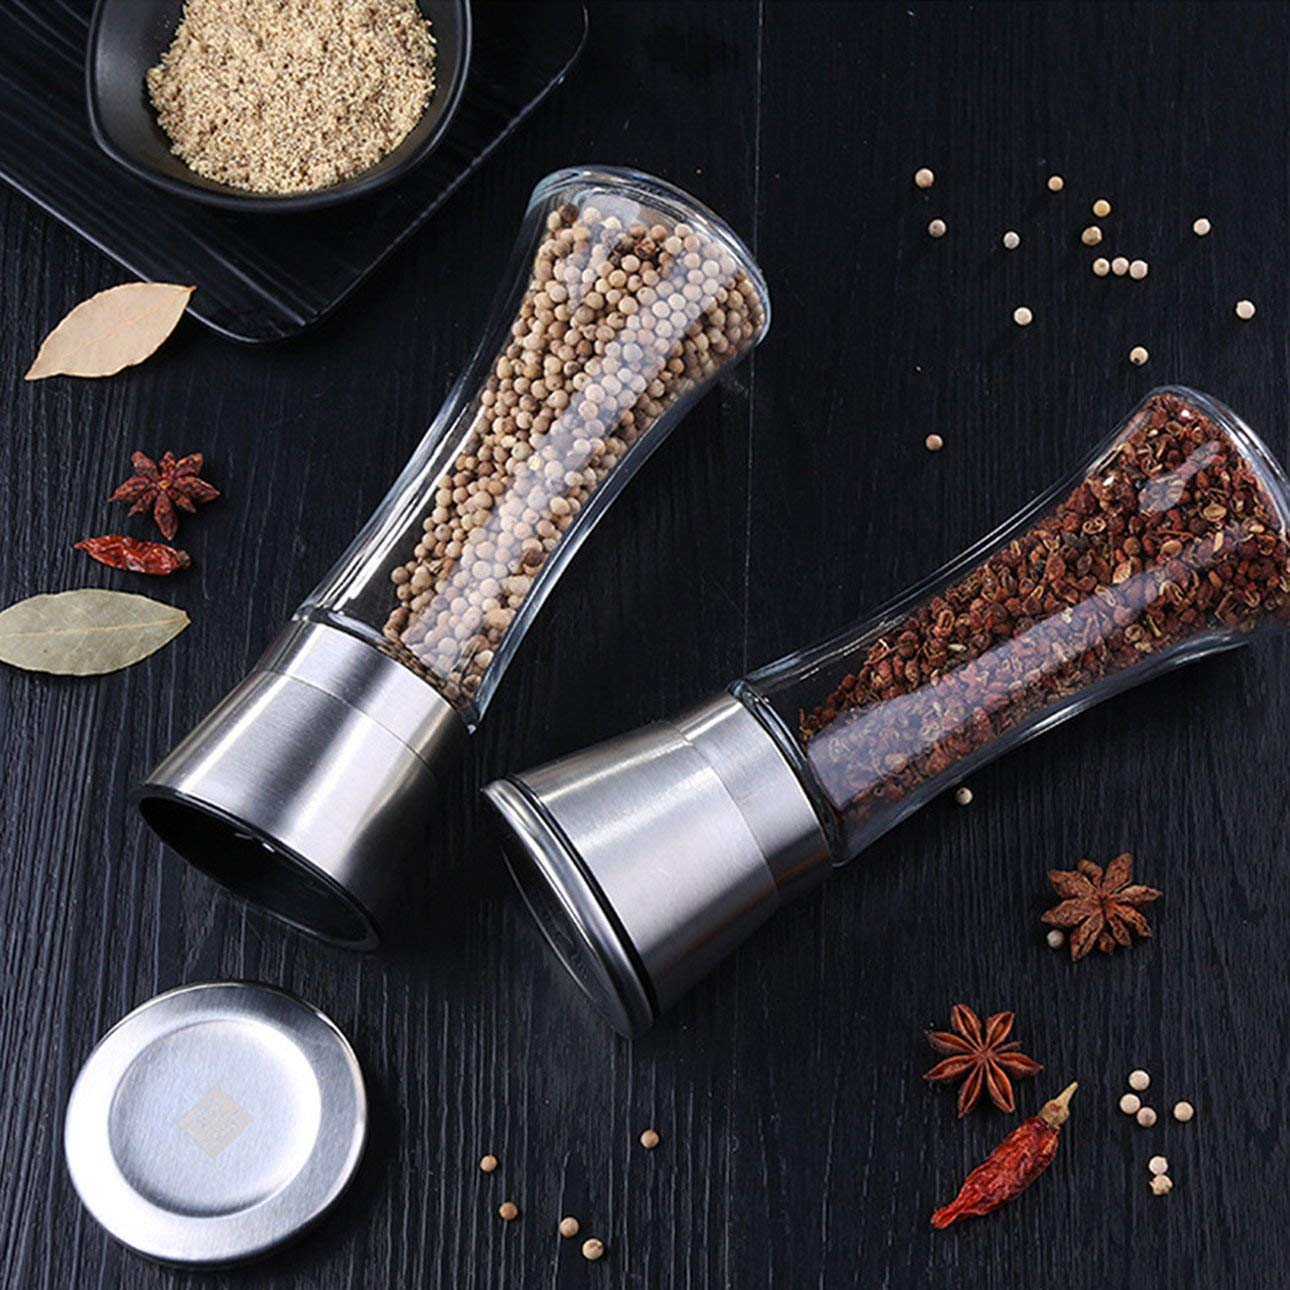 Ballylelly Molinillo de molinillo de pimienta de acero inoxidable Molinillo de pimiento de sal manual Molinillo de molinillo de hierba Molinillo de pimienta ajustable